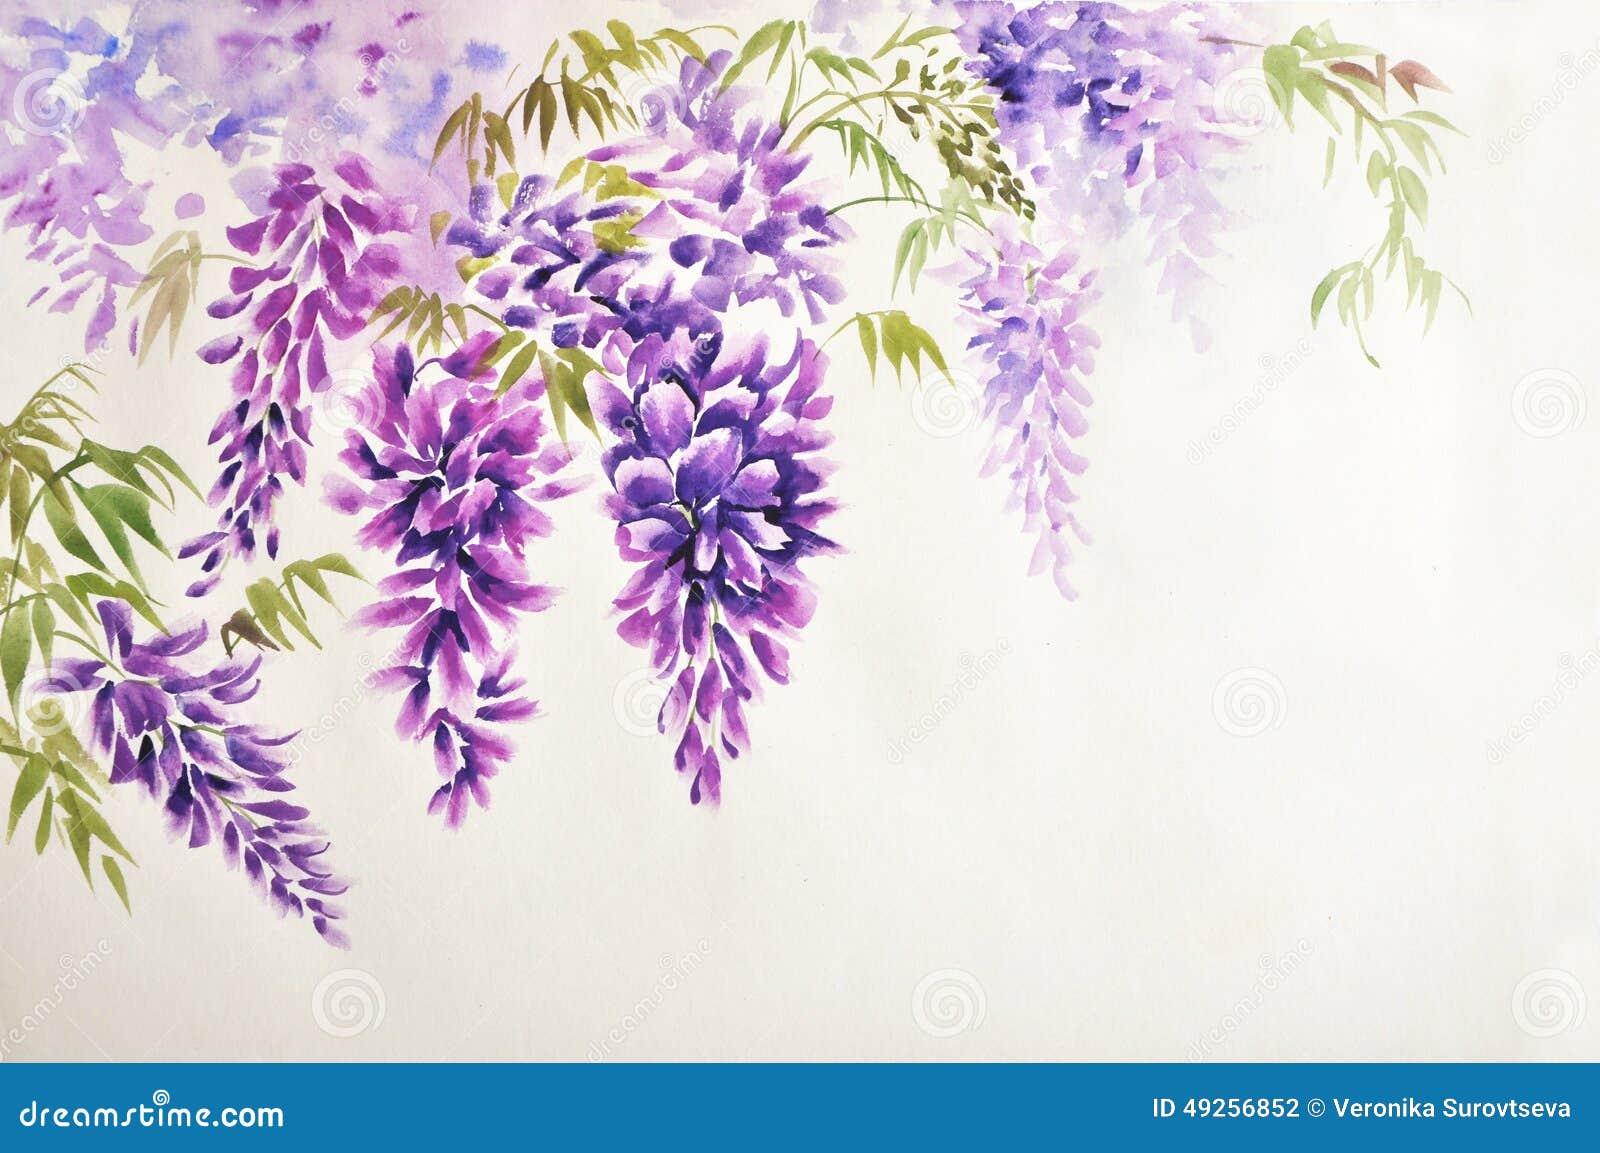 Fiore di glicine illustrazione di stock illustrazione di for Glicine disegno